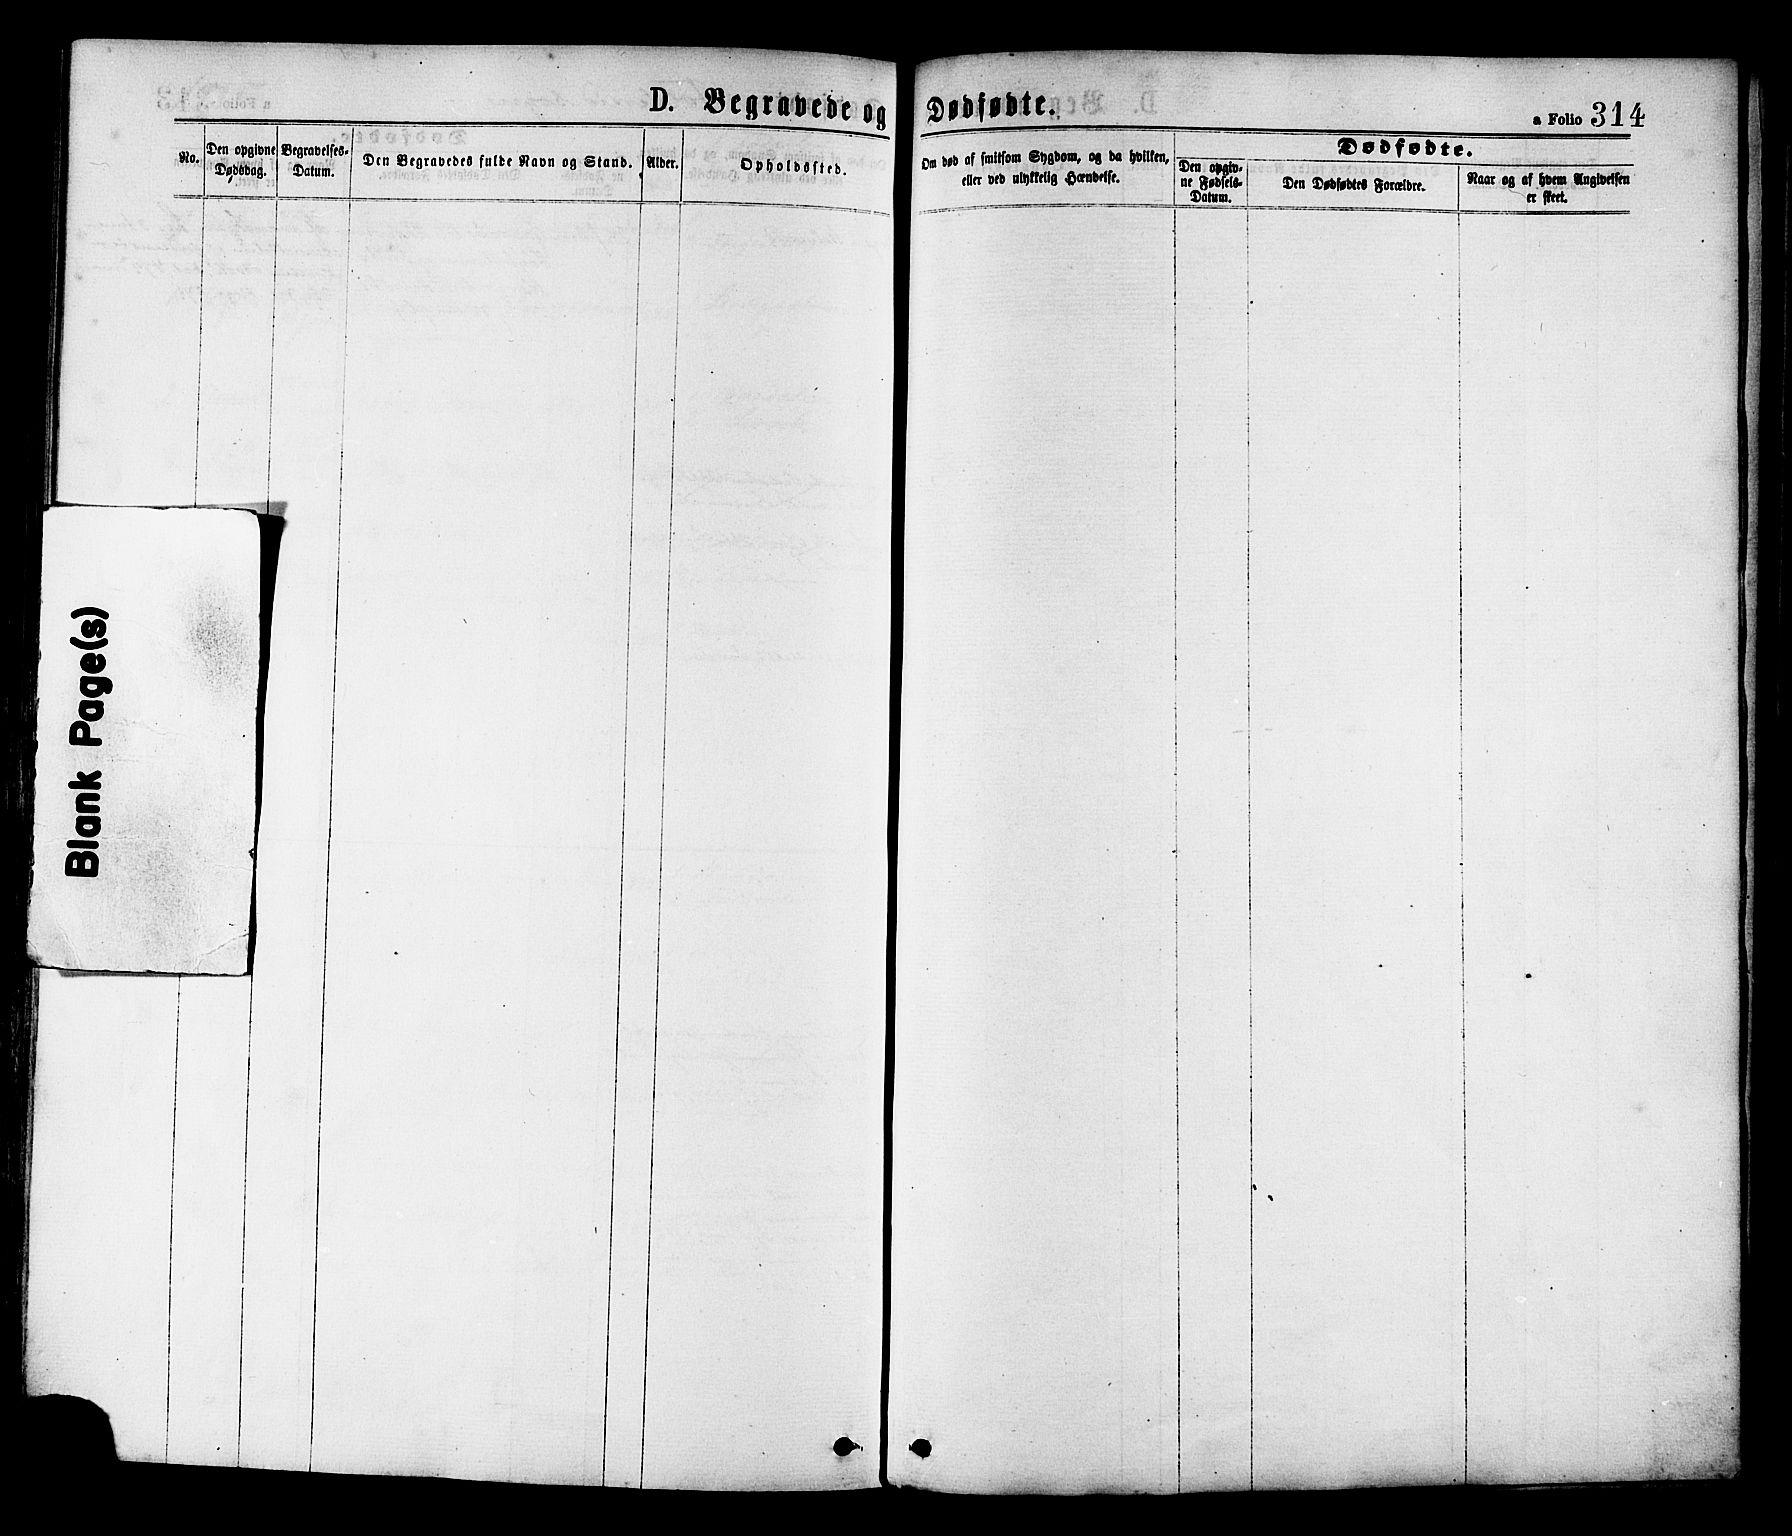 SAT, Ministerialprotokoller, klokkerbøker og fødselsregistre - Nord-Trøndelag, 780/L0642: Parish register (official) no. 780A07 /2, 1878-1885, p. 314